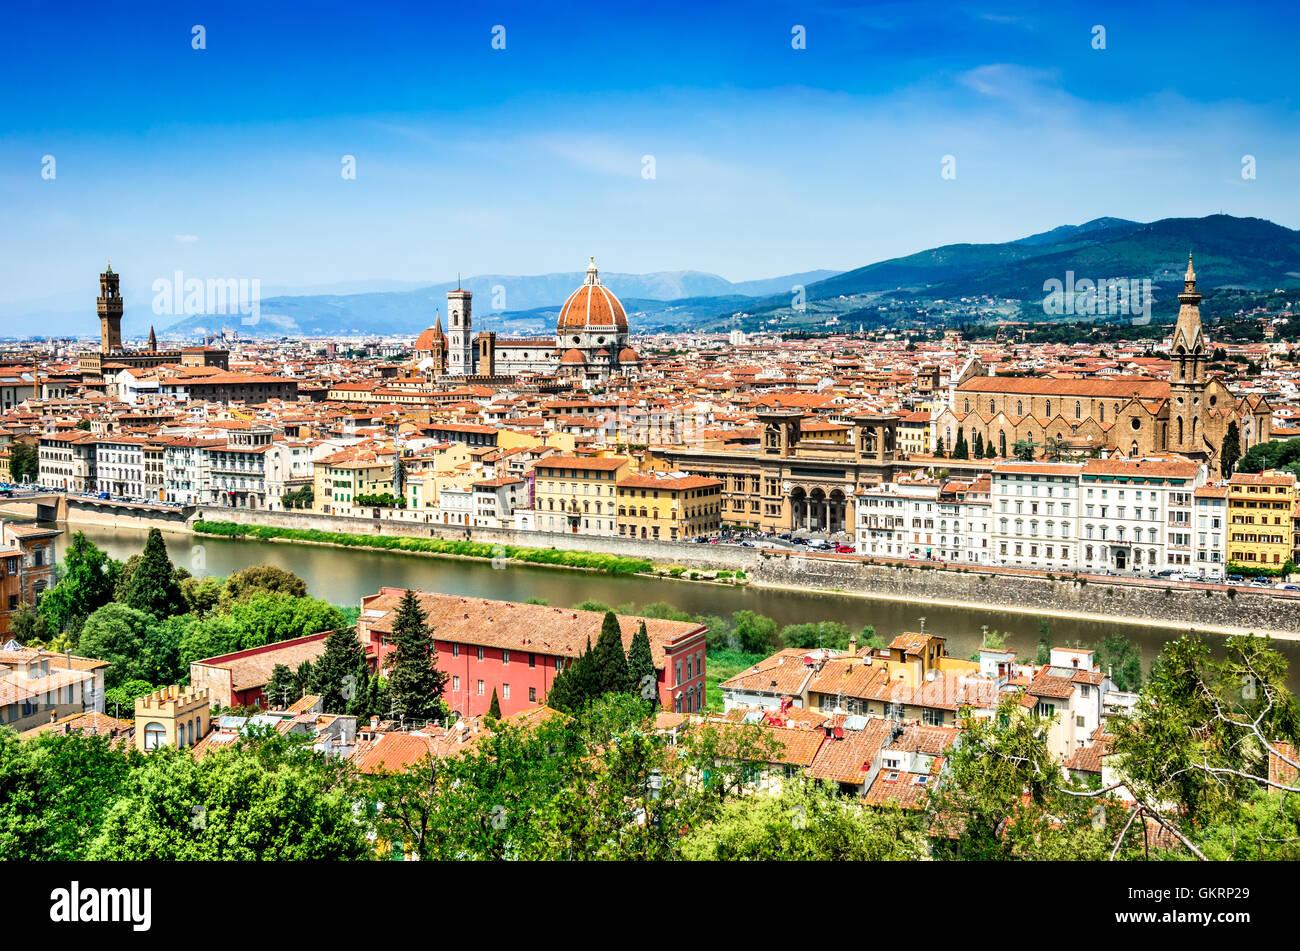 Florence, Italie. Paysage urbain d'été de l'italien ville Firenze, ville culturelle de la Toscane. Photo Stock